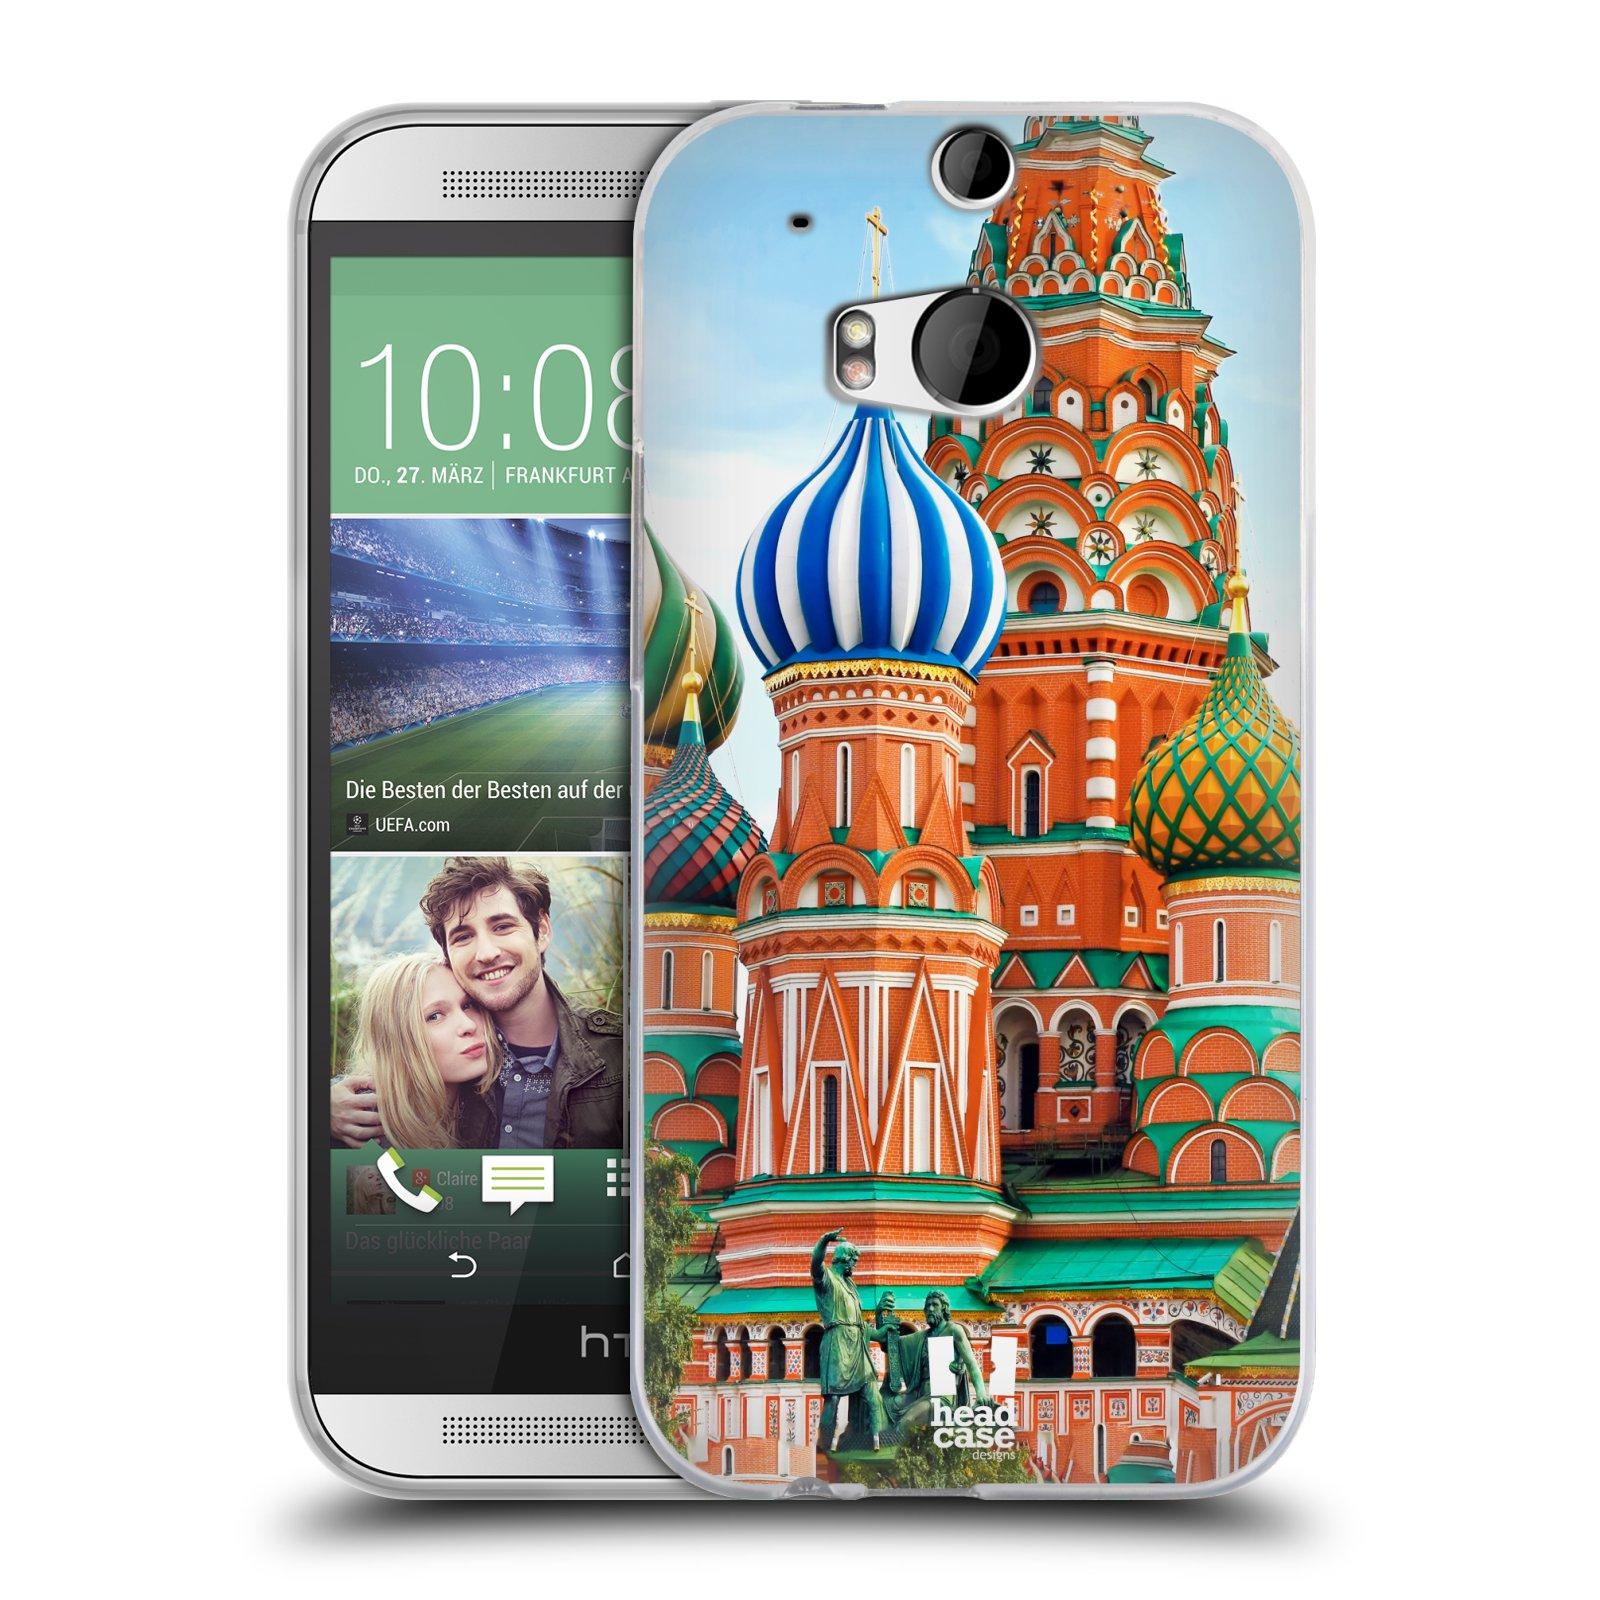 HEAD CASE silikonový obal na mobil HTC ONE (M8) vzor Města foto náměstí RUSKO,MOSKVA, RUDÉ NÁMĚSTÍ